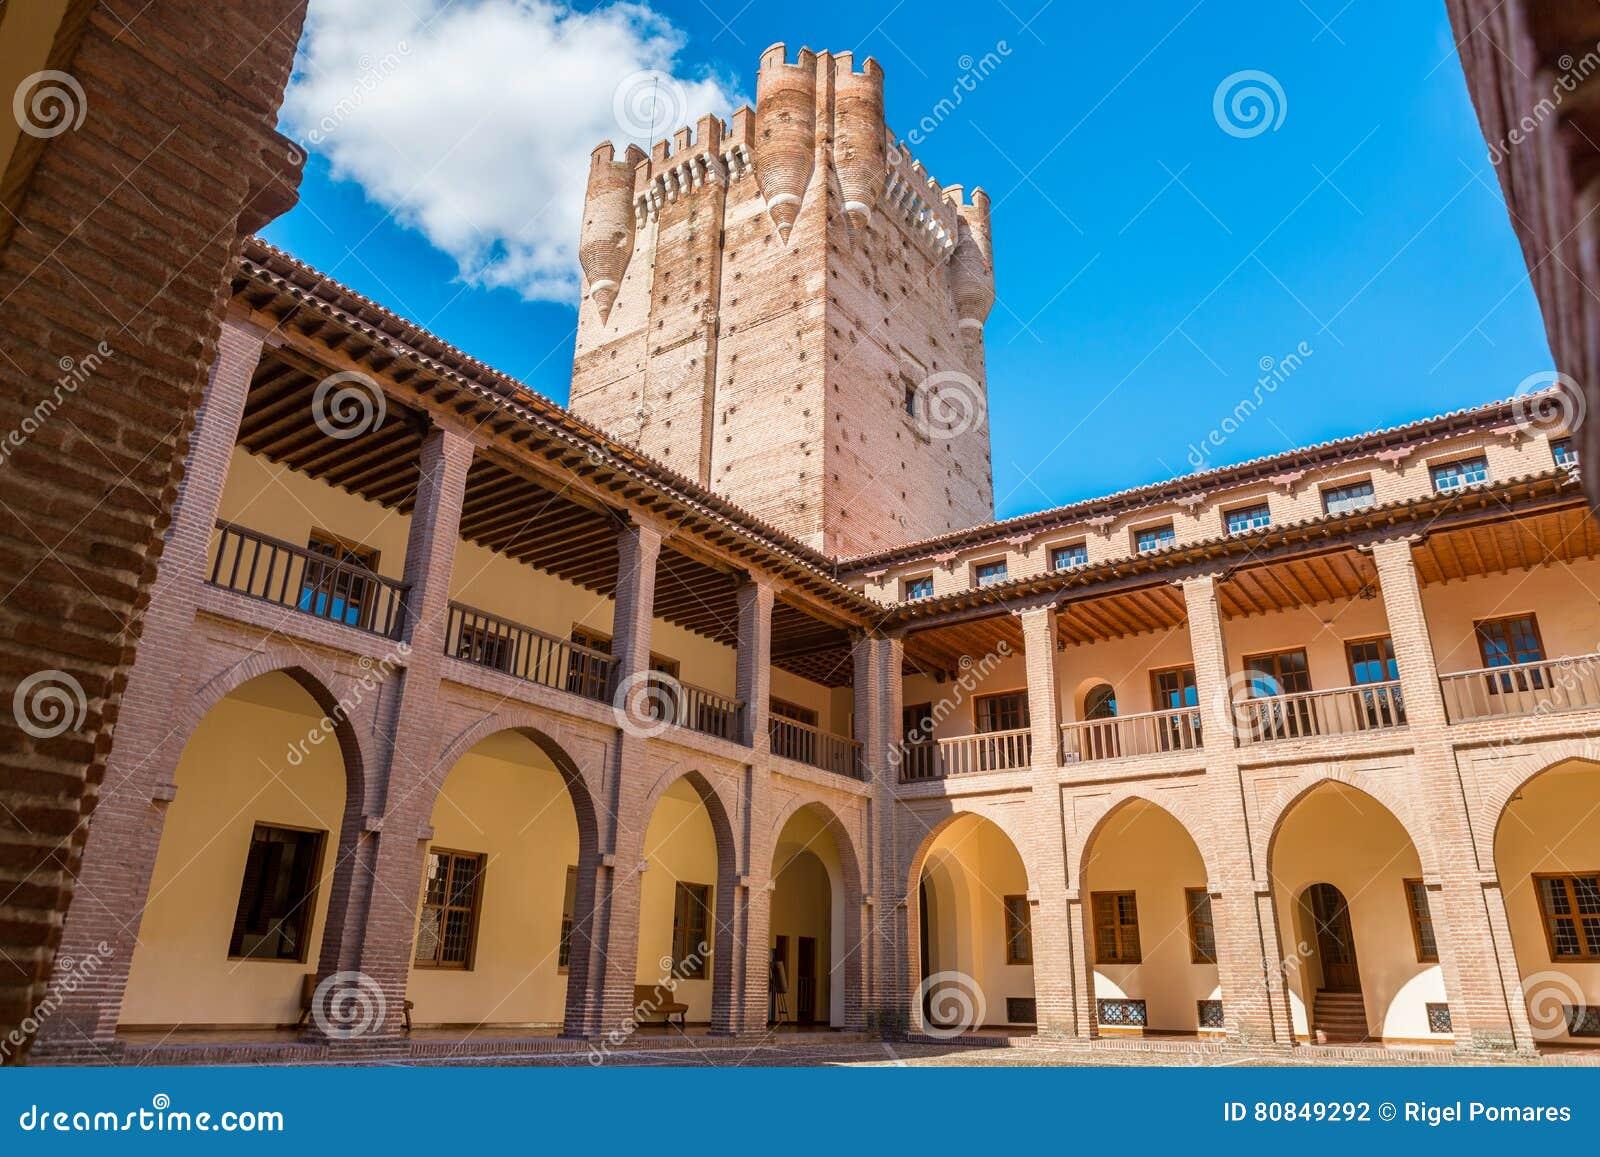 Interior View Of The Famous Castle Castillo De La Mota In Medina Del